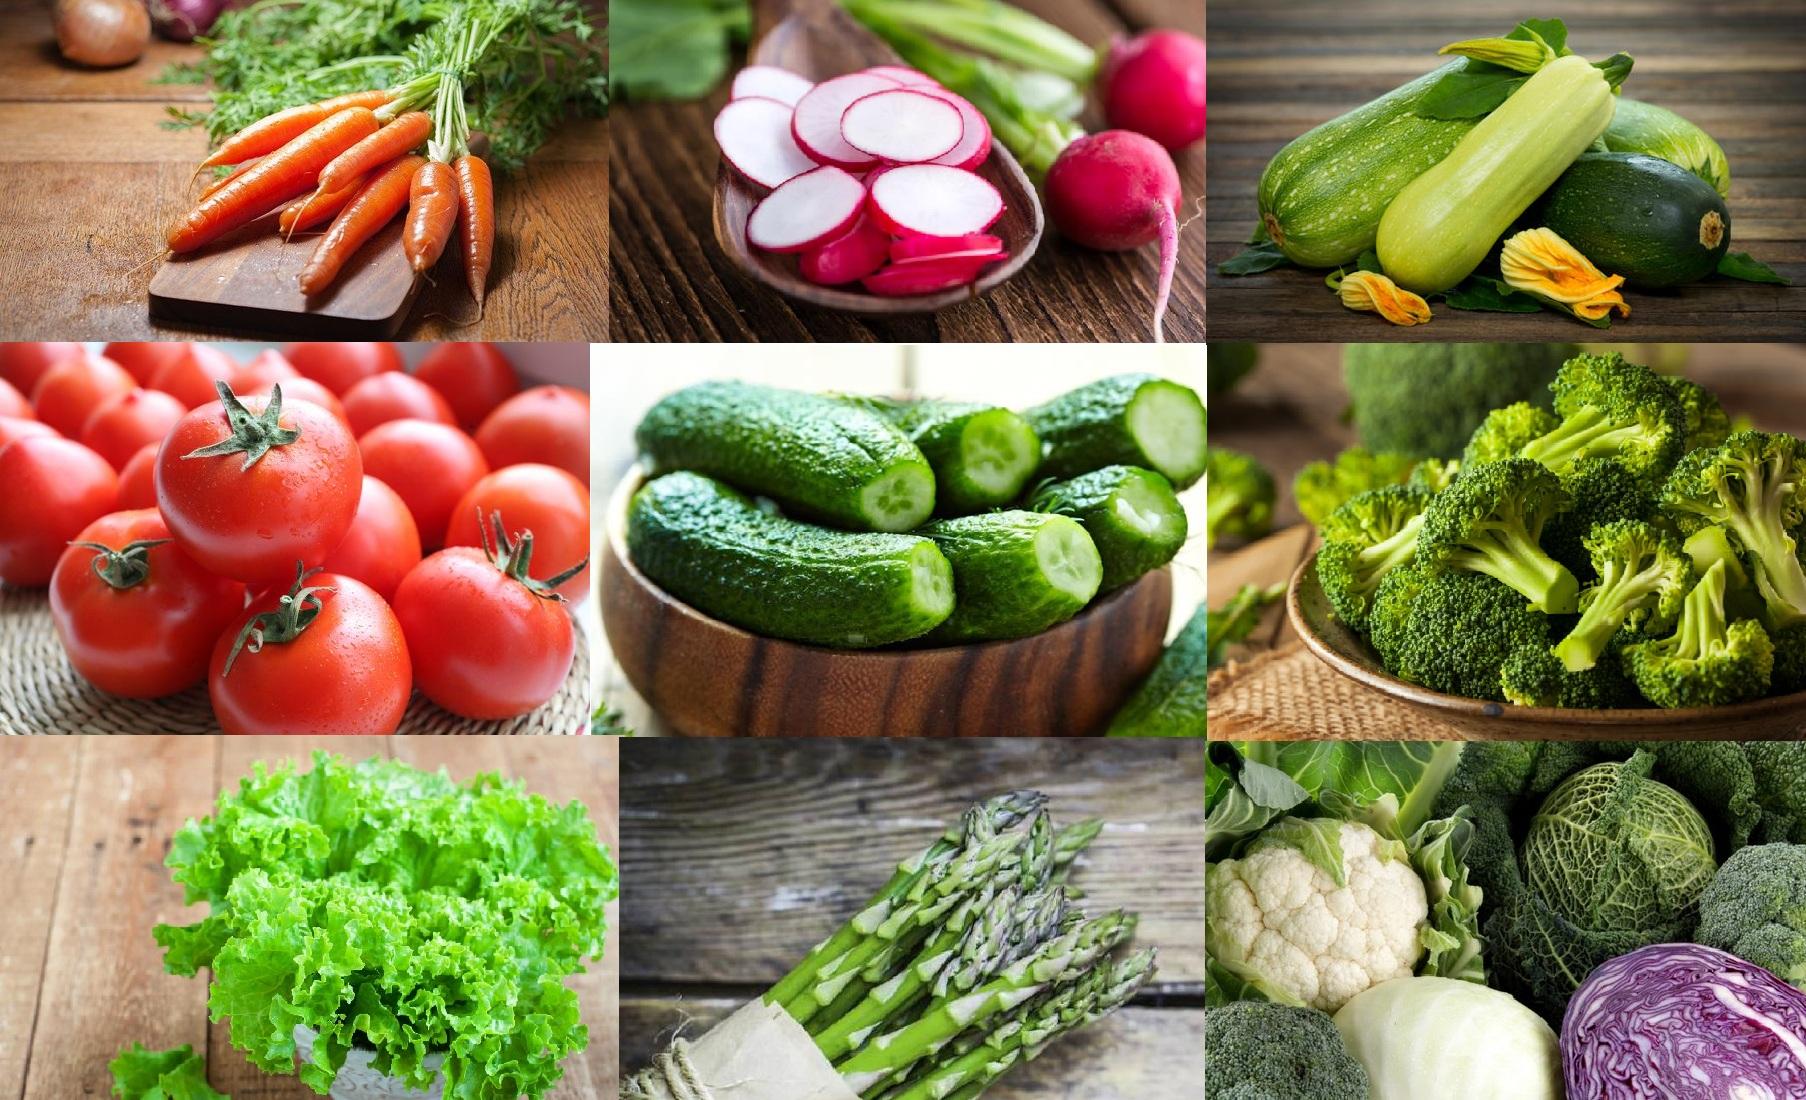 Самая Низкокалорийная Диета Для Похудения. Низкокалорийная диета для похудения: еда по расчету